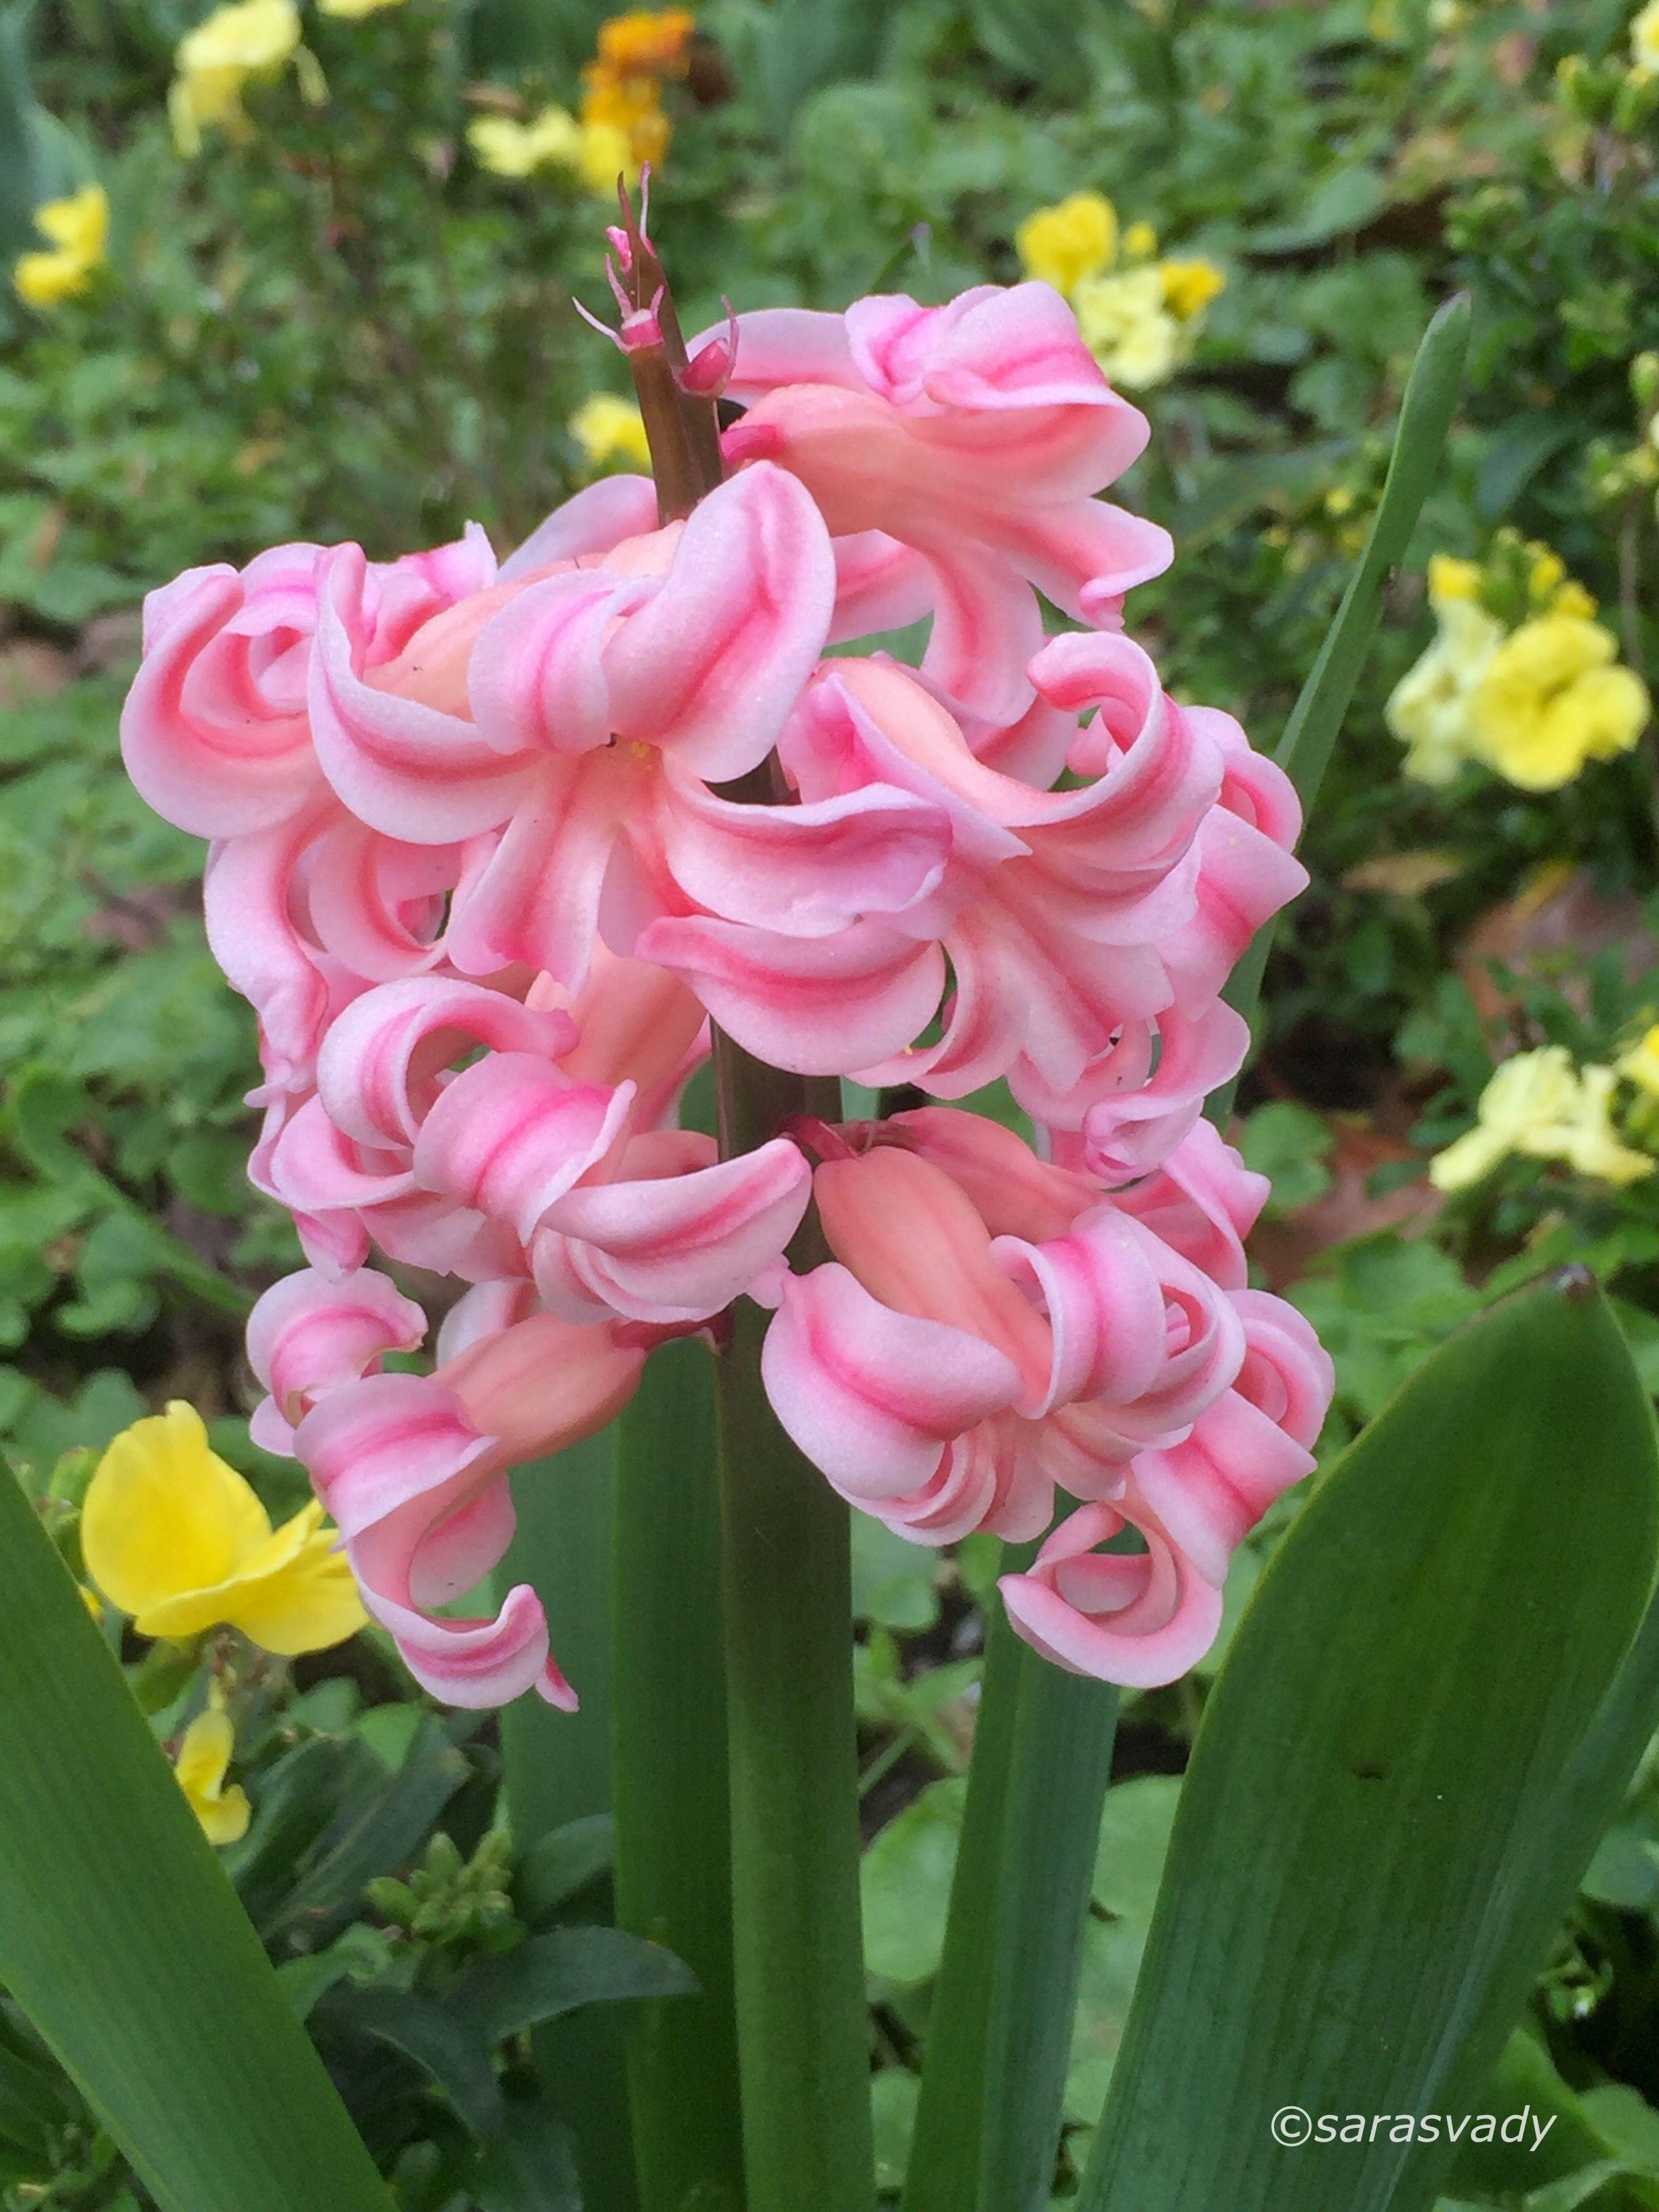 Hoa tiên ông màu hồng phấn cực đẹp